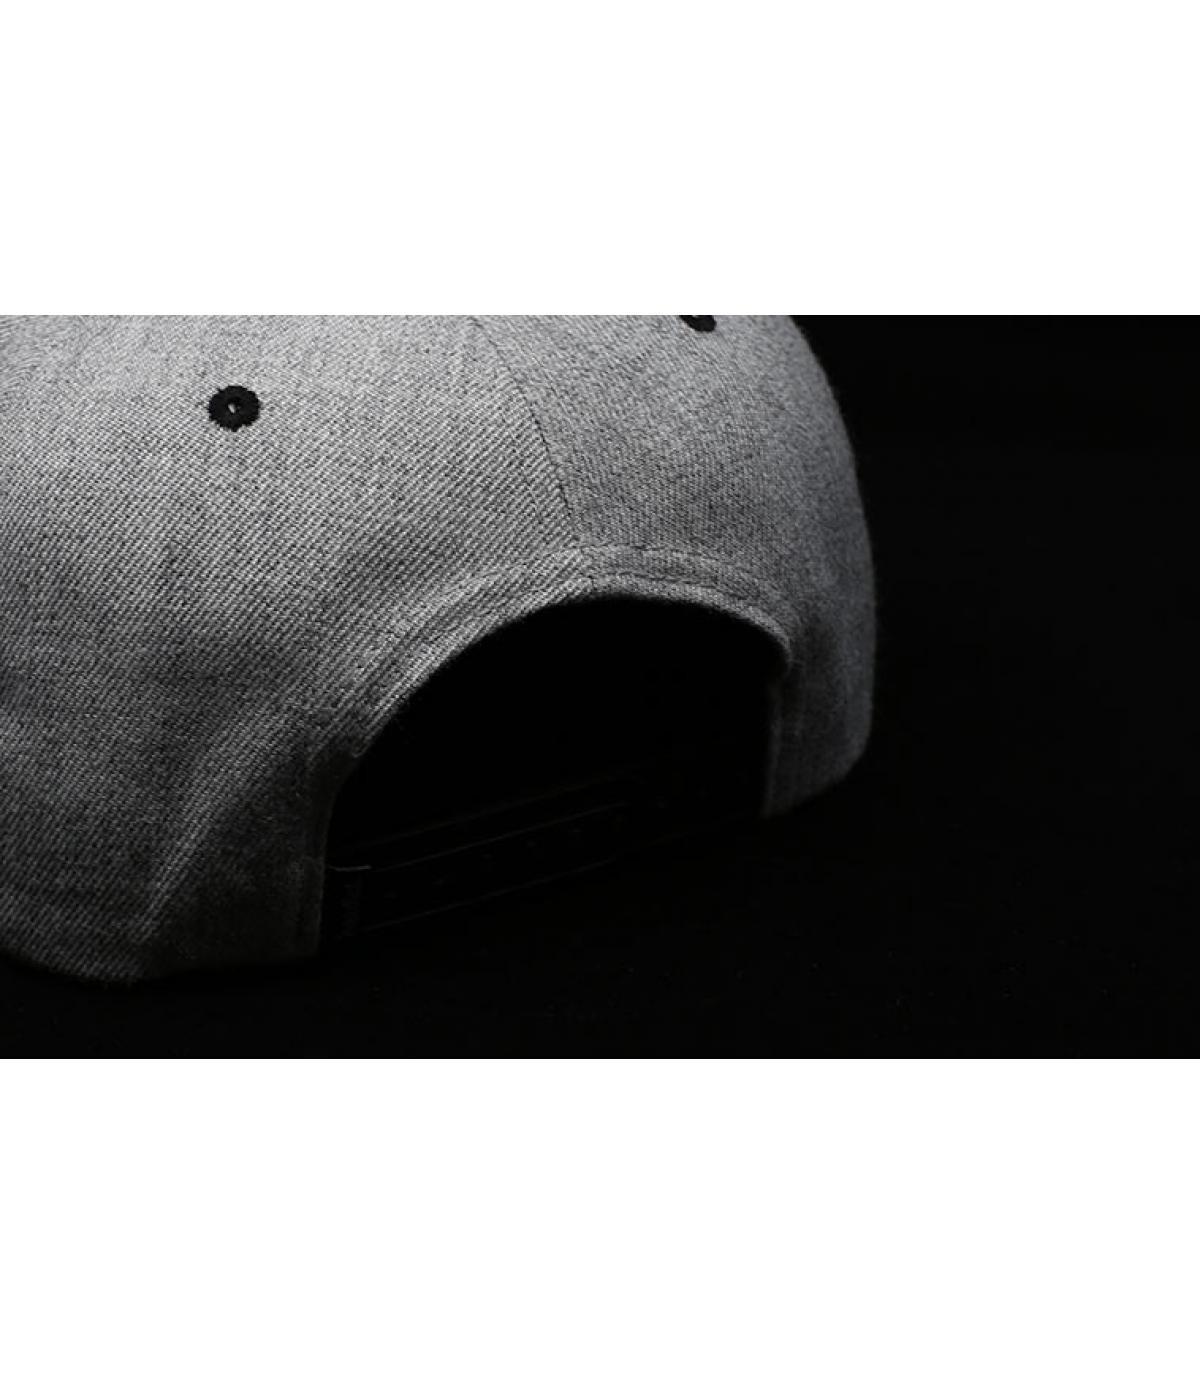 Détails Snapback Fuel & Fire - image 6